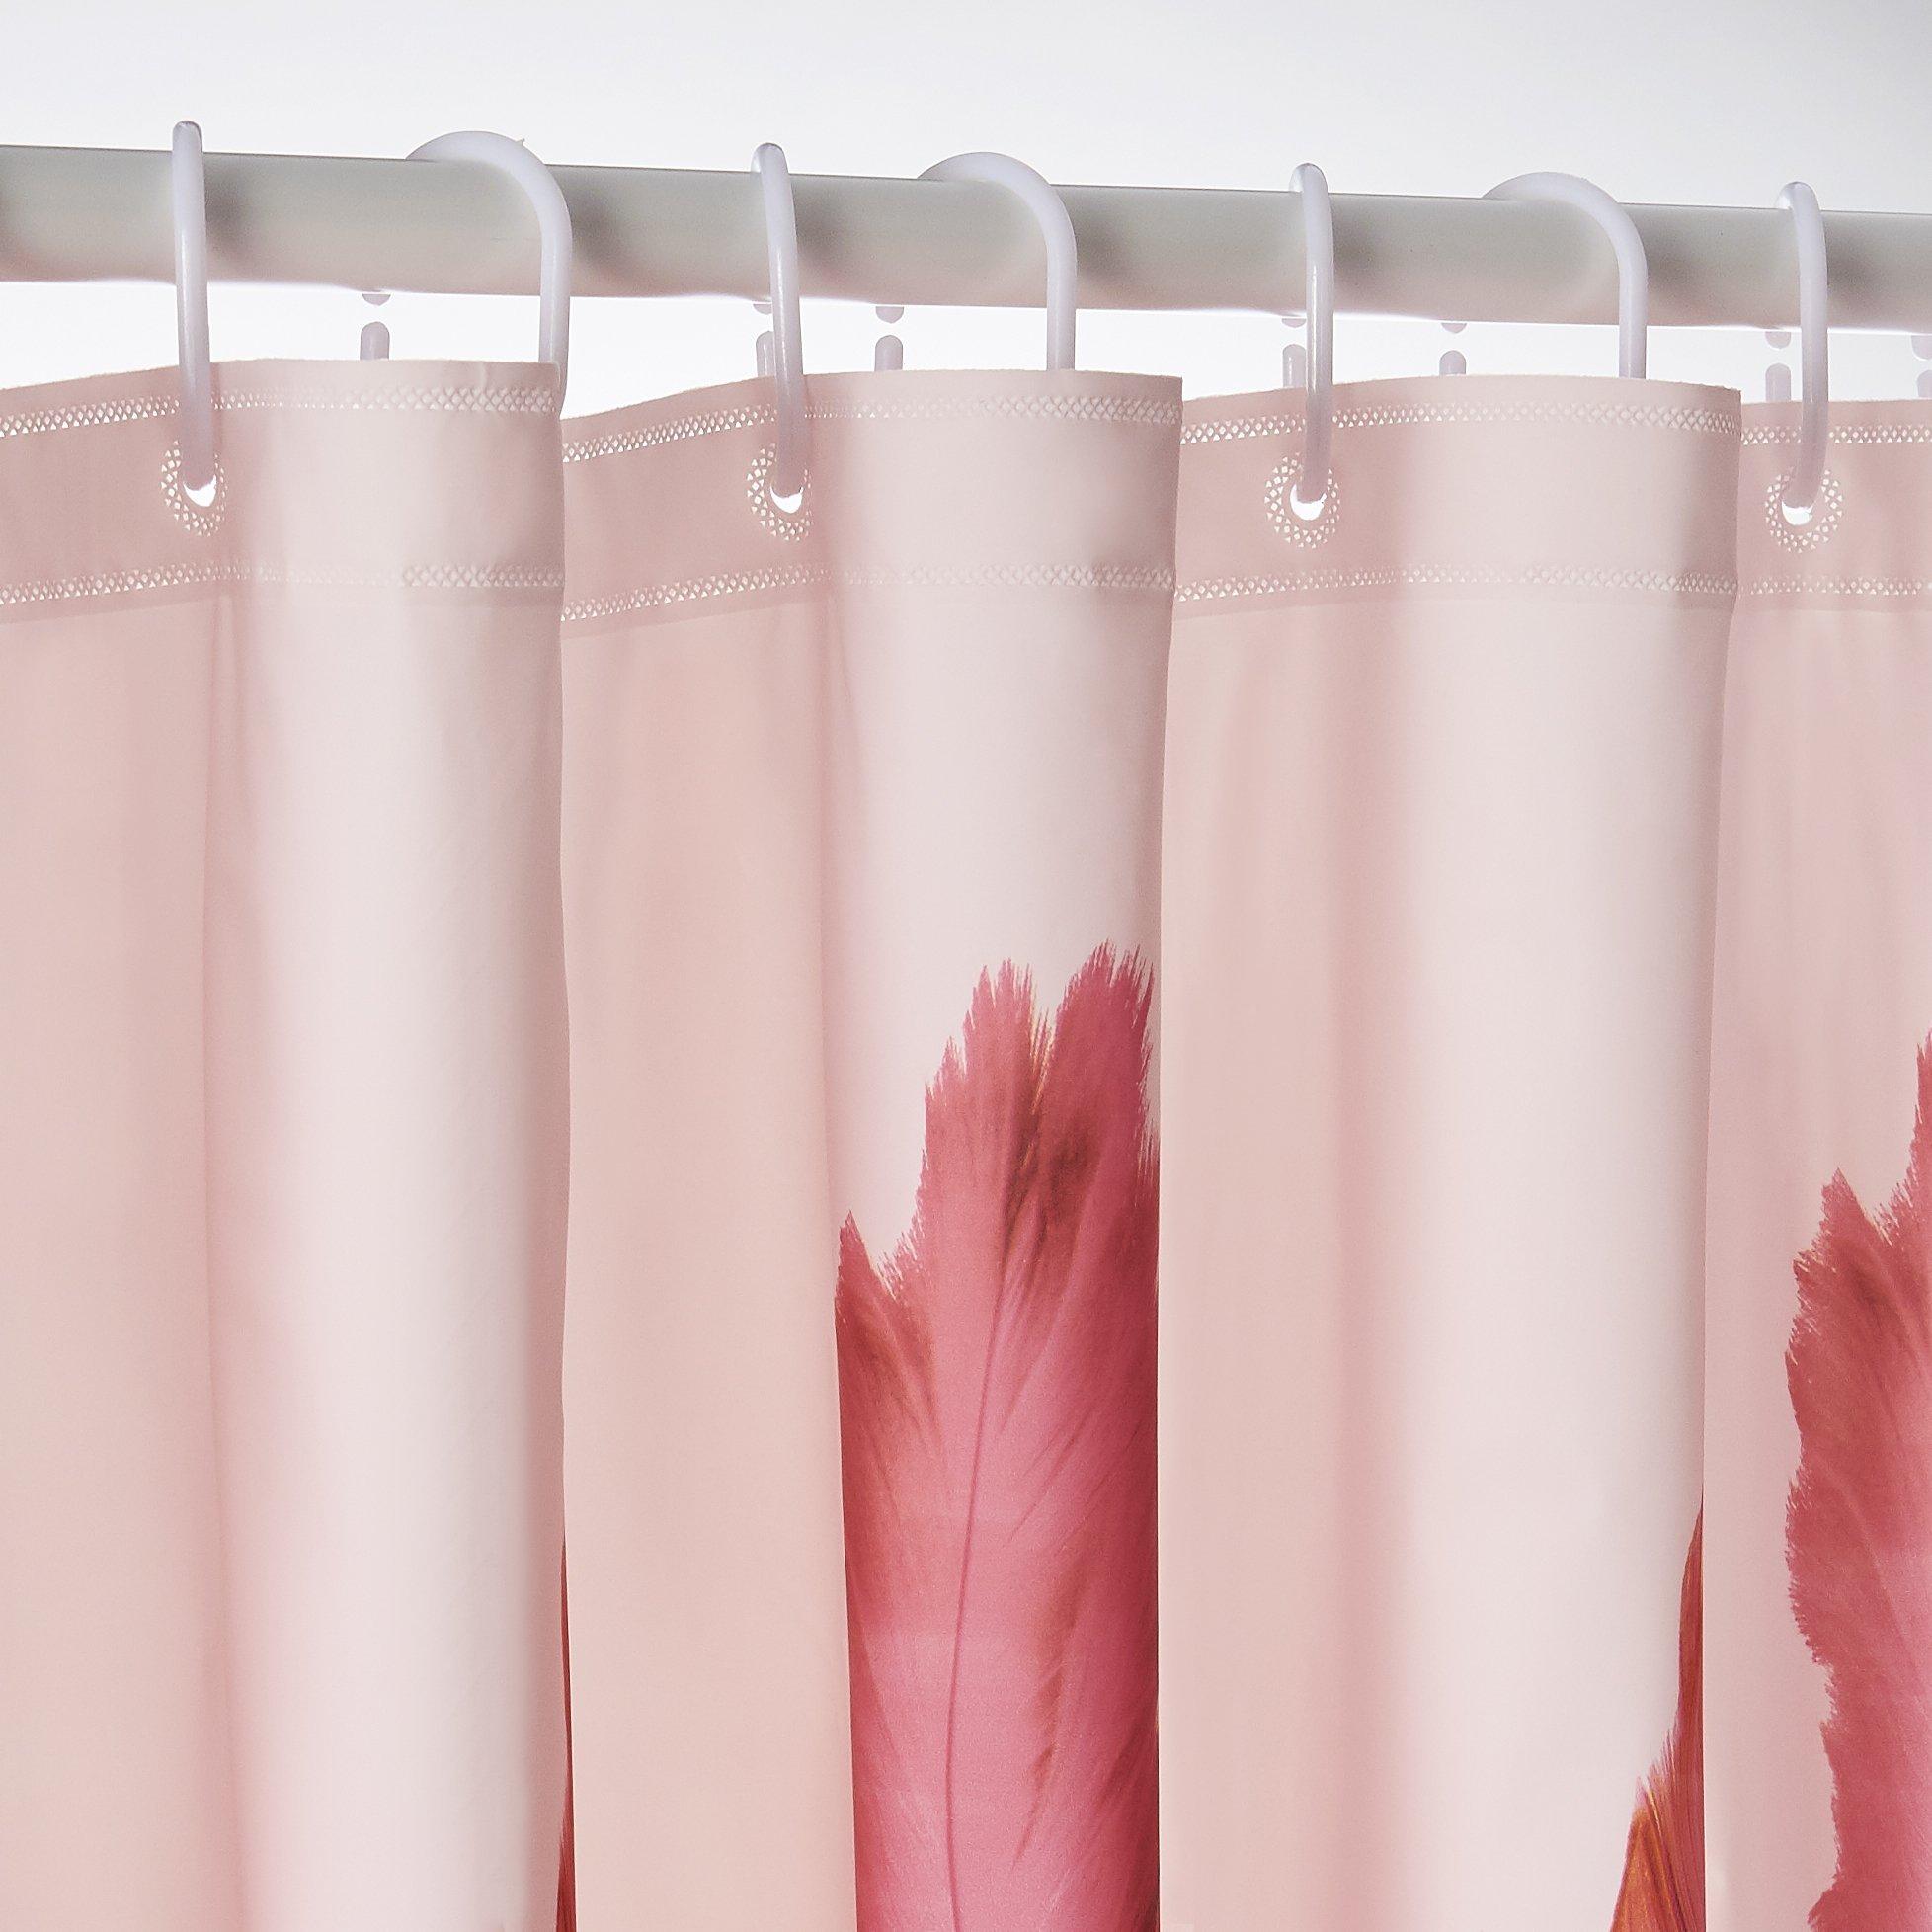 Bathroom Rugs Shower Curtains: S.A.Y.C. Flamingo Bathroom Set Shower Curtain